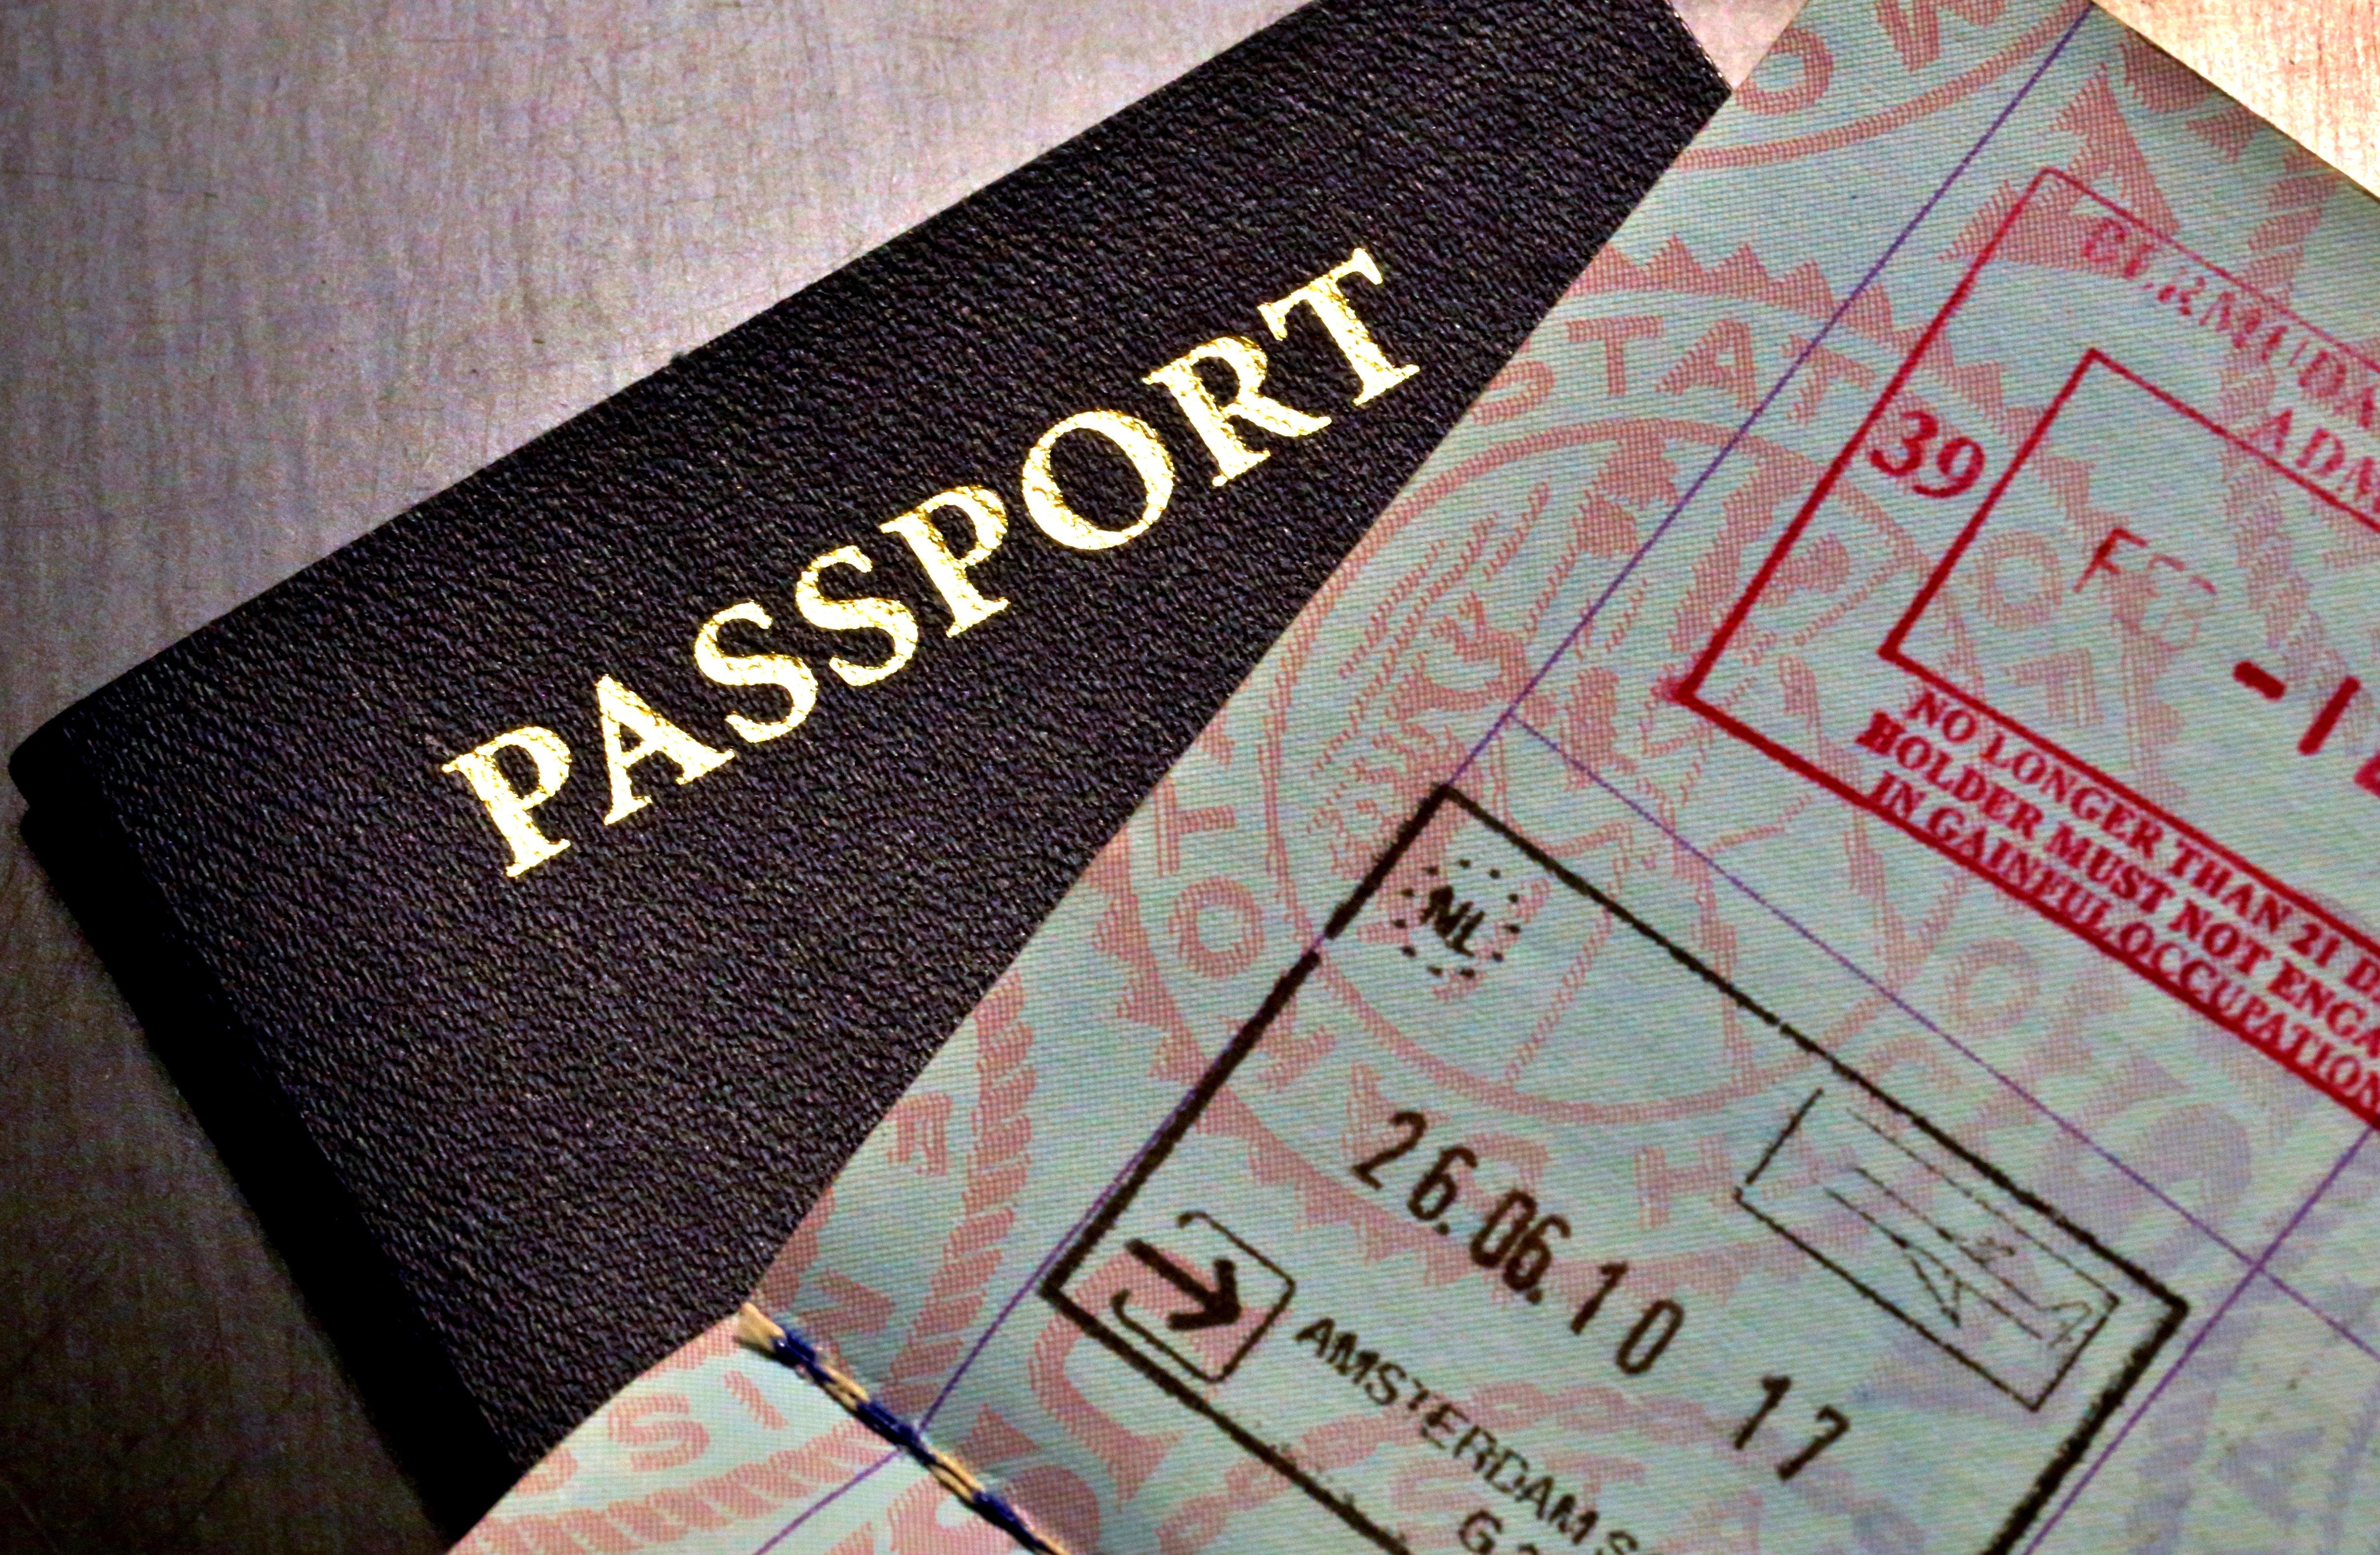 Η Ιαπωνία έχει το ισχυρότερο διαβατήριο για το 2018 - ποια η θέση της